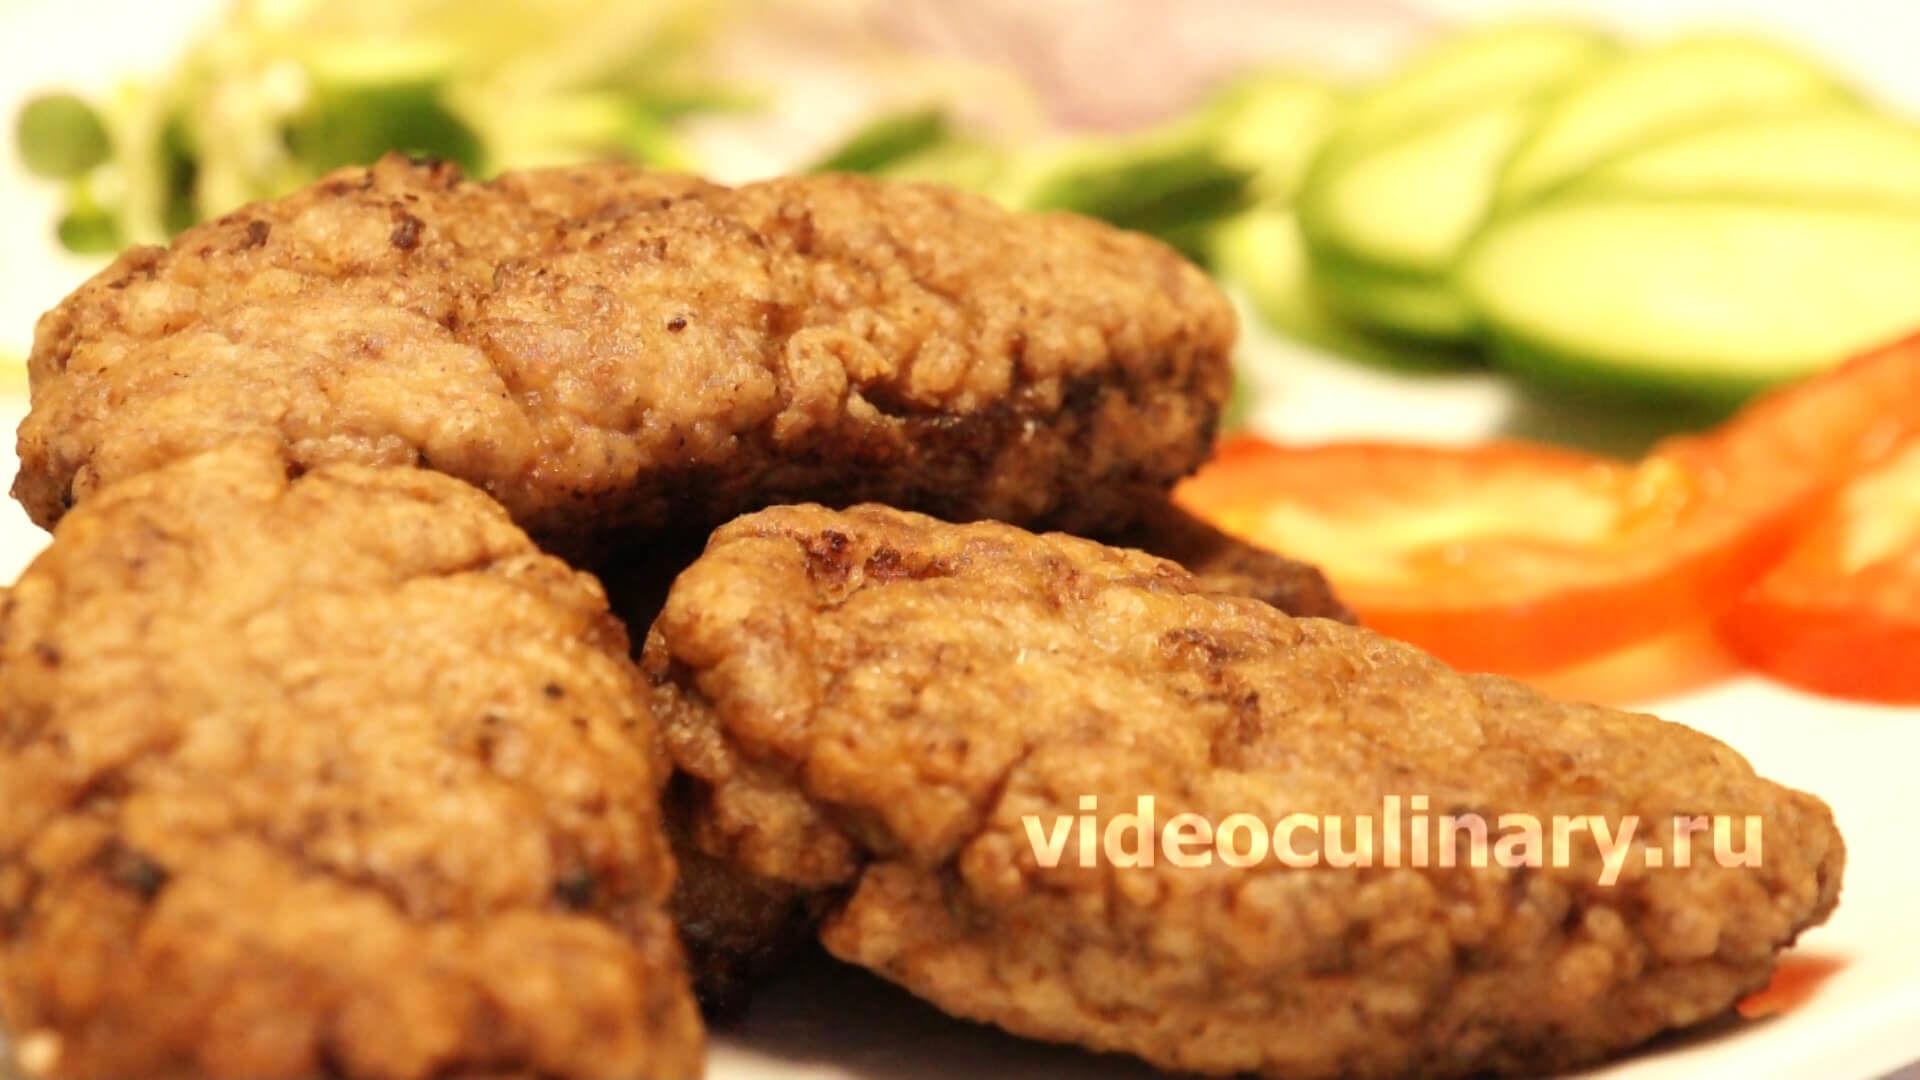 Пошаговый рецепт творожной запеканки с манкой в духовке с фото